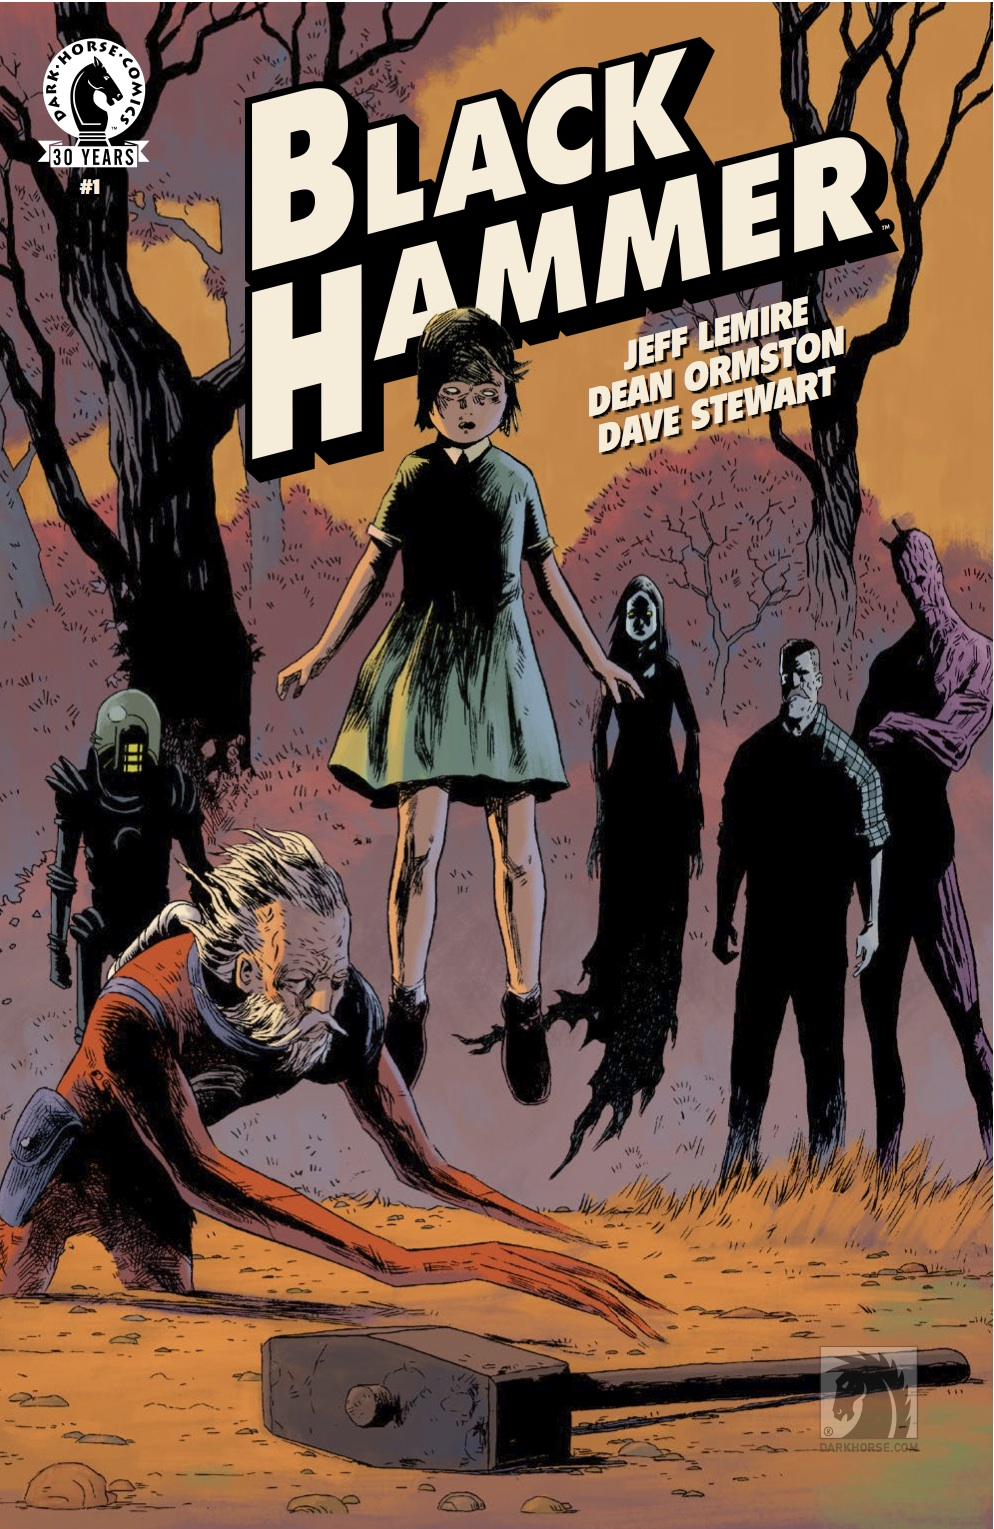 Black Hammer cover